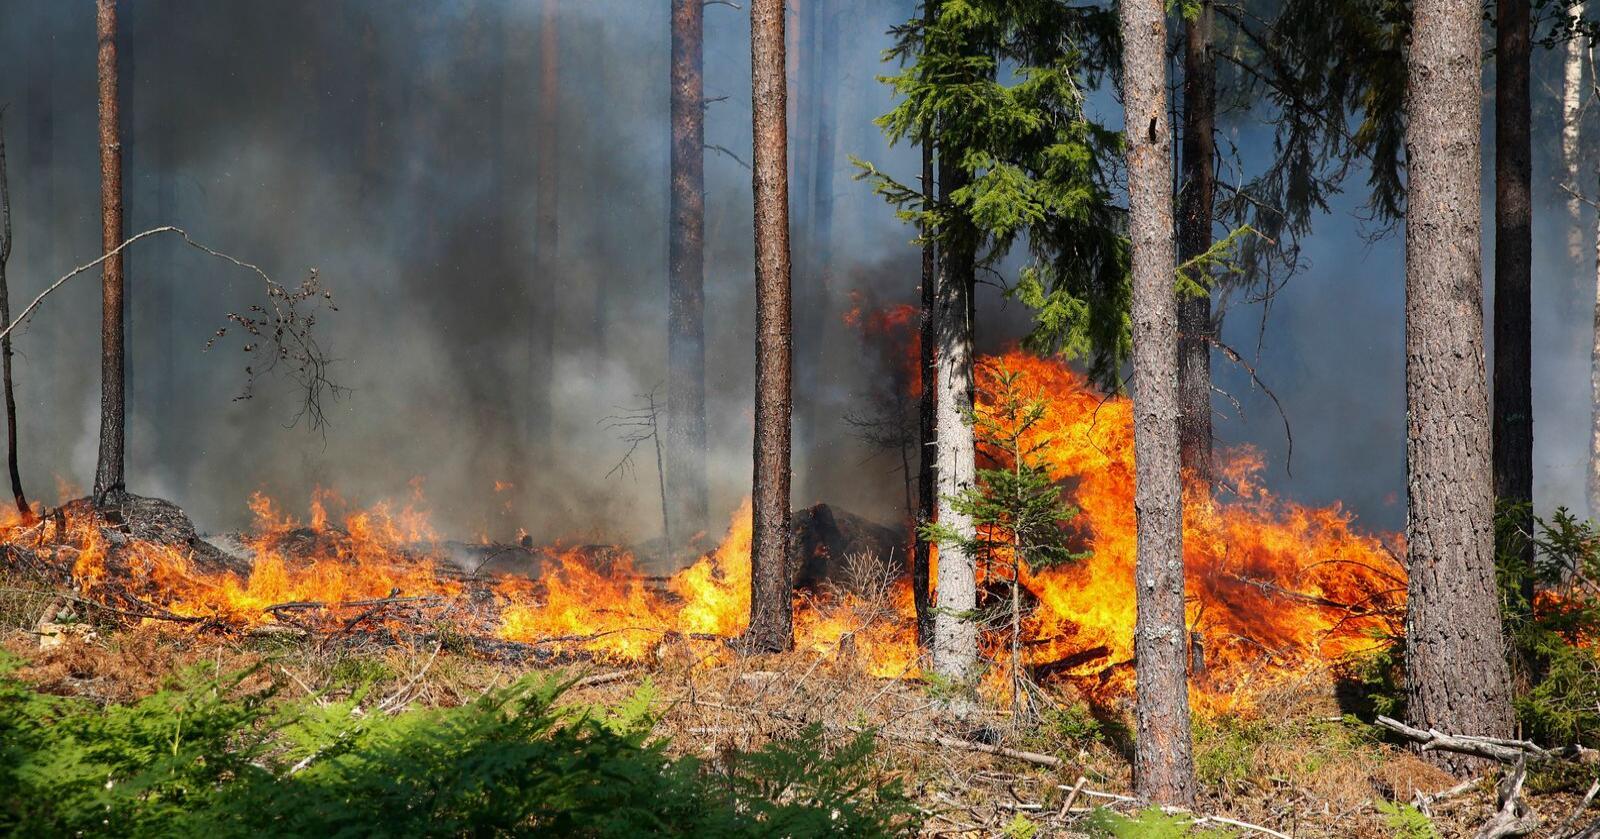 Så mange som en av ti skogbranner i Sverige kan skyldes skogsdrift. Her fra en skogbrann i Sverige i 2014. Foto: FREDRIK PERSSON / TT / NTB scanpix